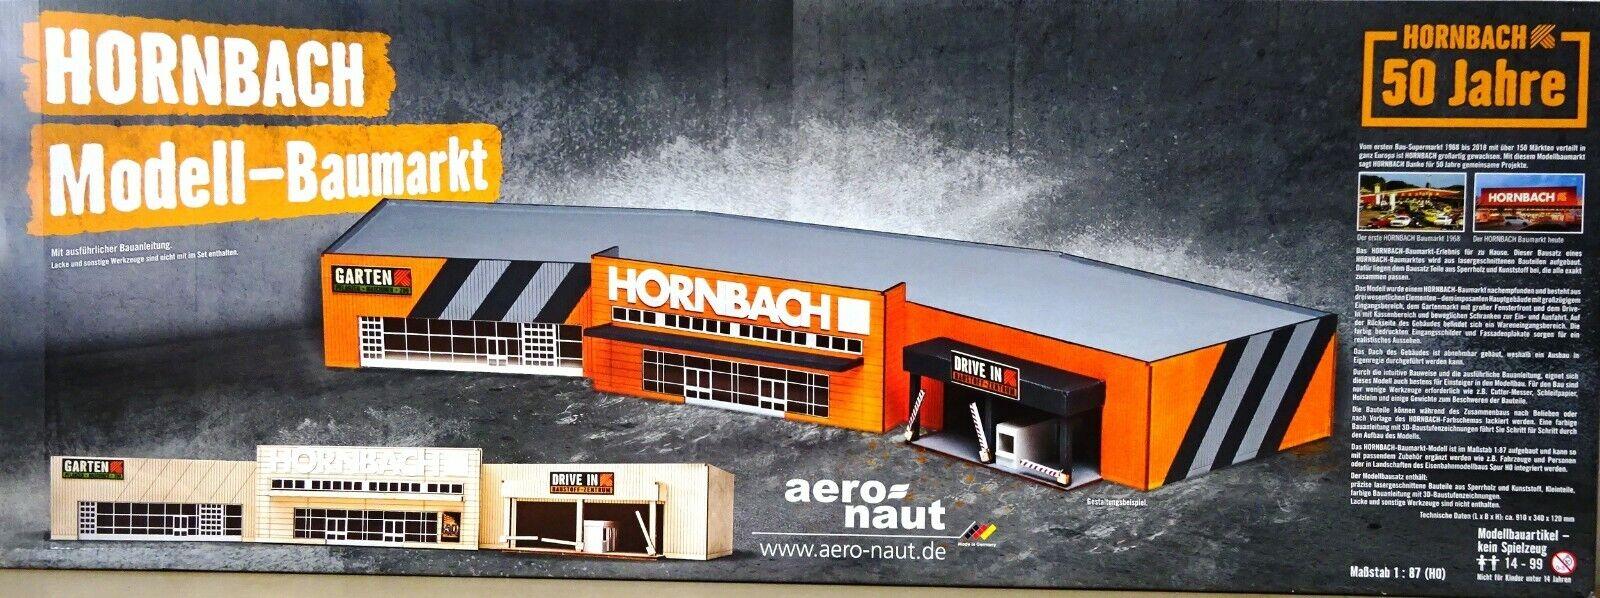 Hornbach Model-Baumarkt 1 87 H0 Limitiert Modelbausatz aero-naut 50 Jahre